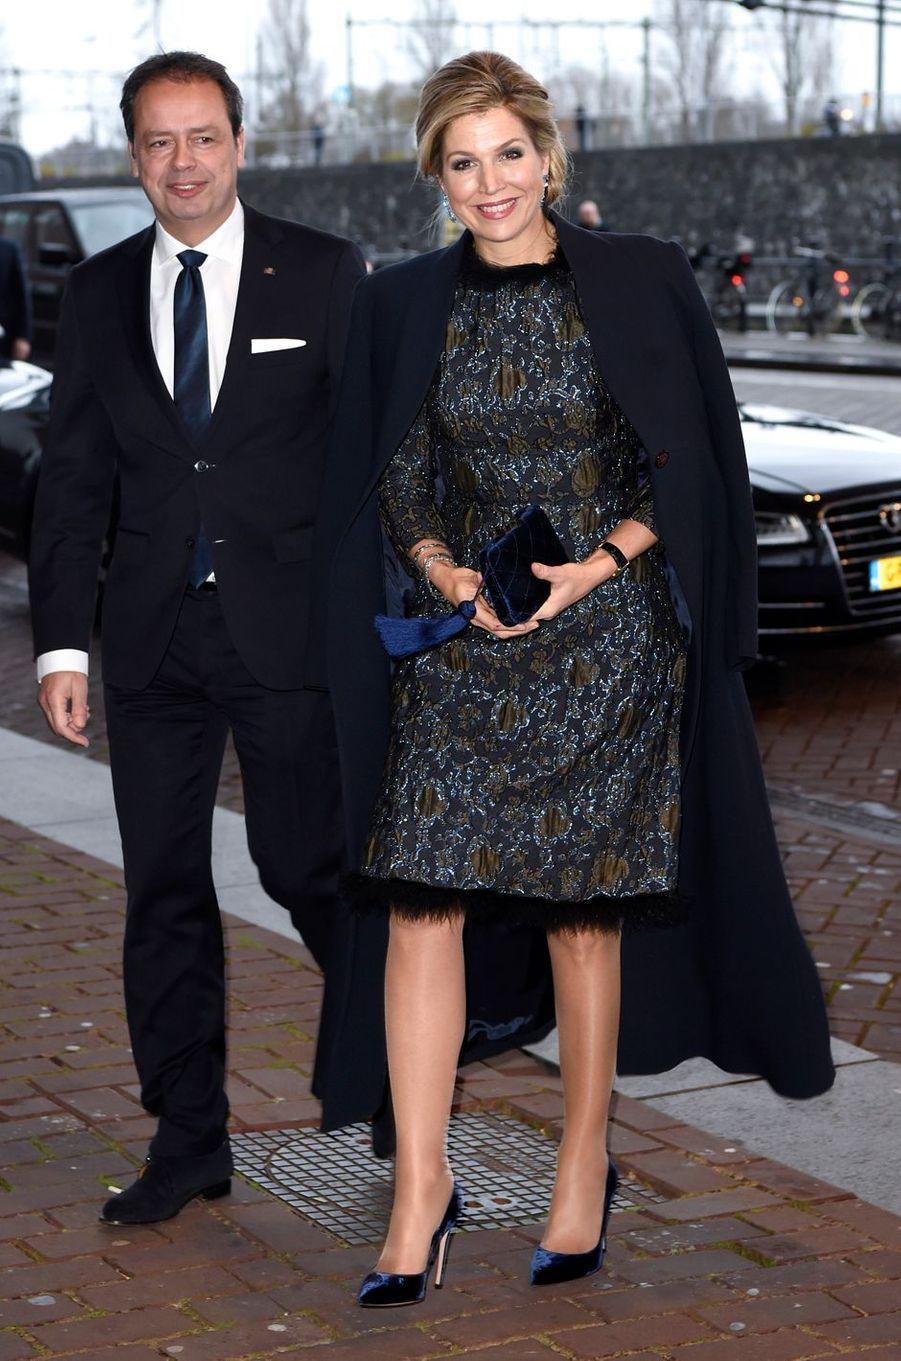 La reine Maxima des Pays-Bas le 27 novembre 2017 à Amsterdam